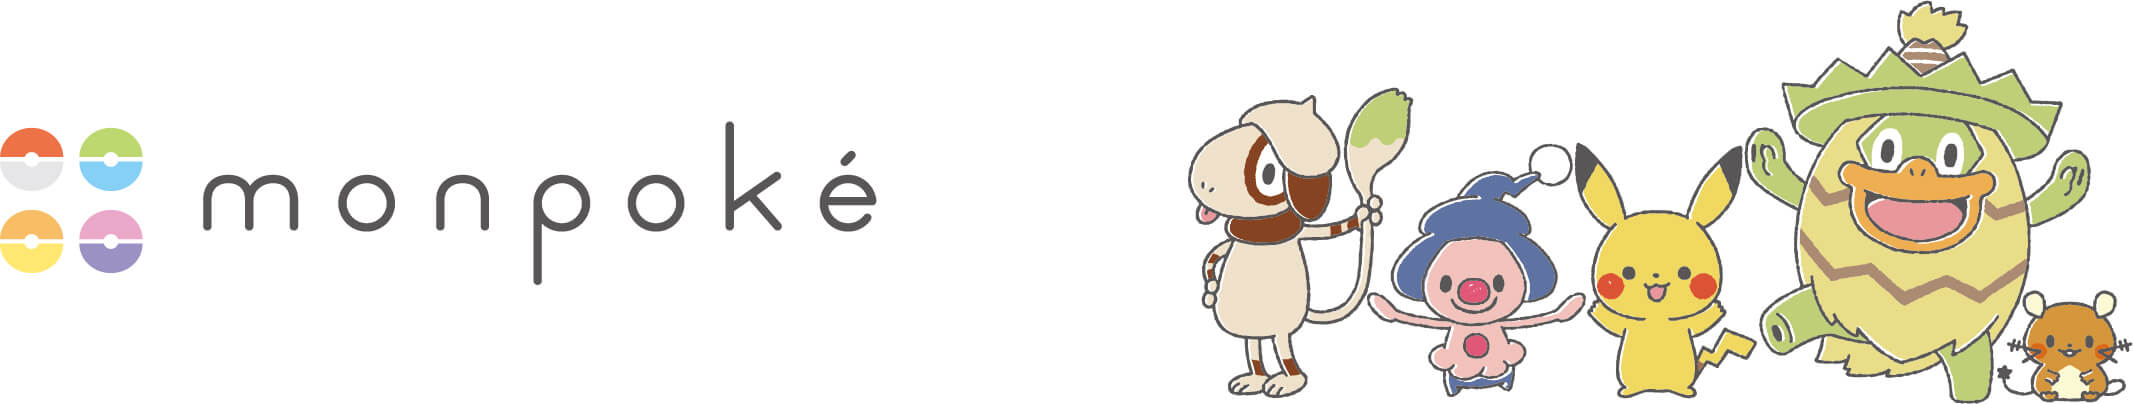 ポケモンのベビーカーの画像 スゴカルα 4キャス compact エッグショック モンポケ